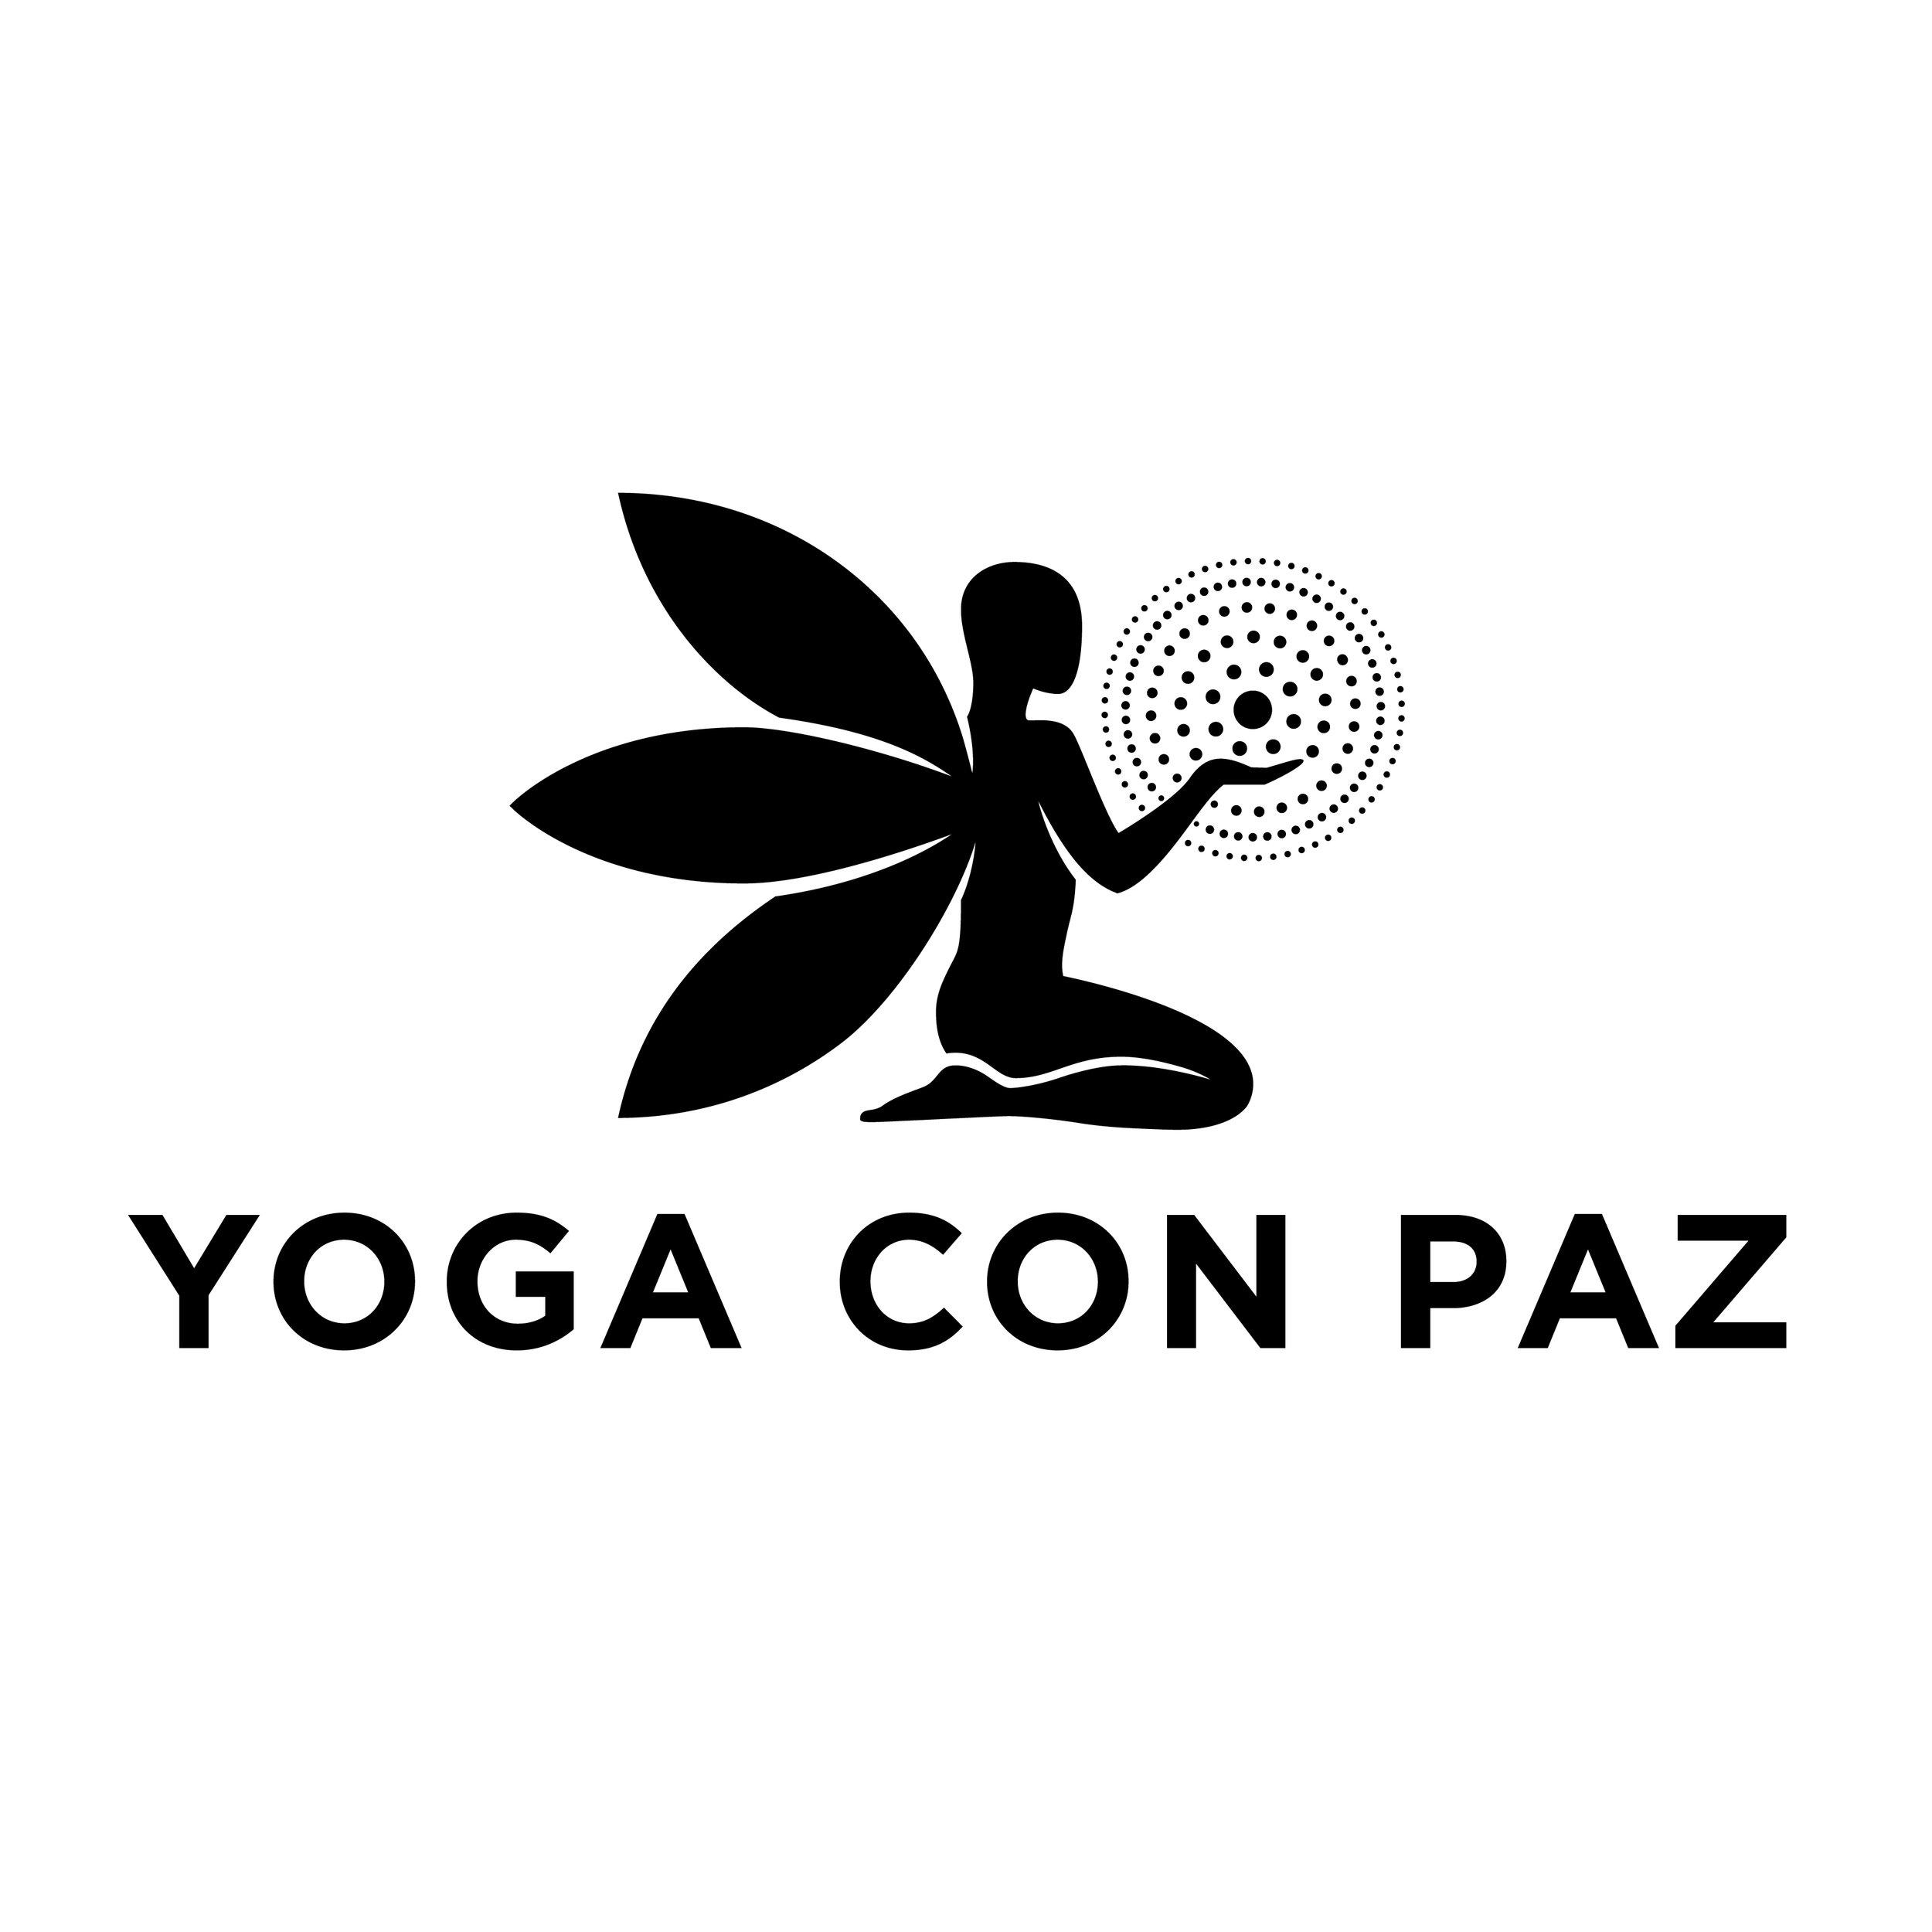 AF_LOGO_YOGA-CON-PAZ_BN-01.jpg